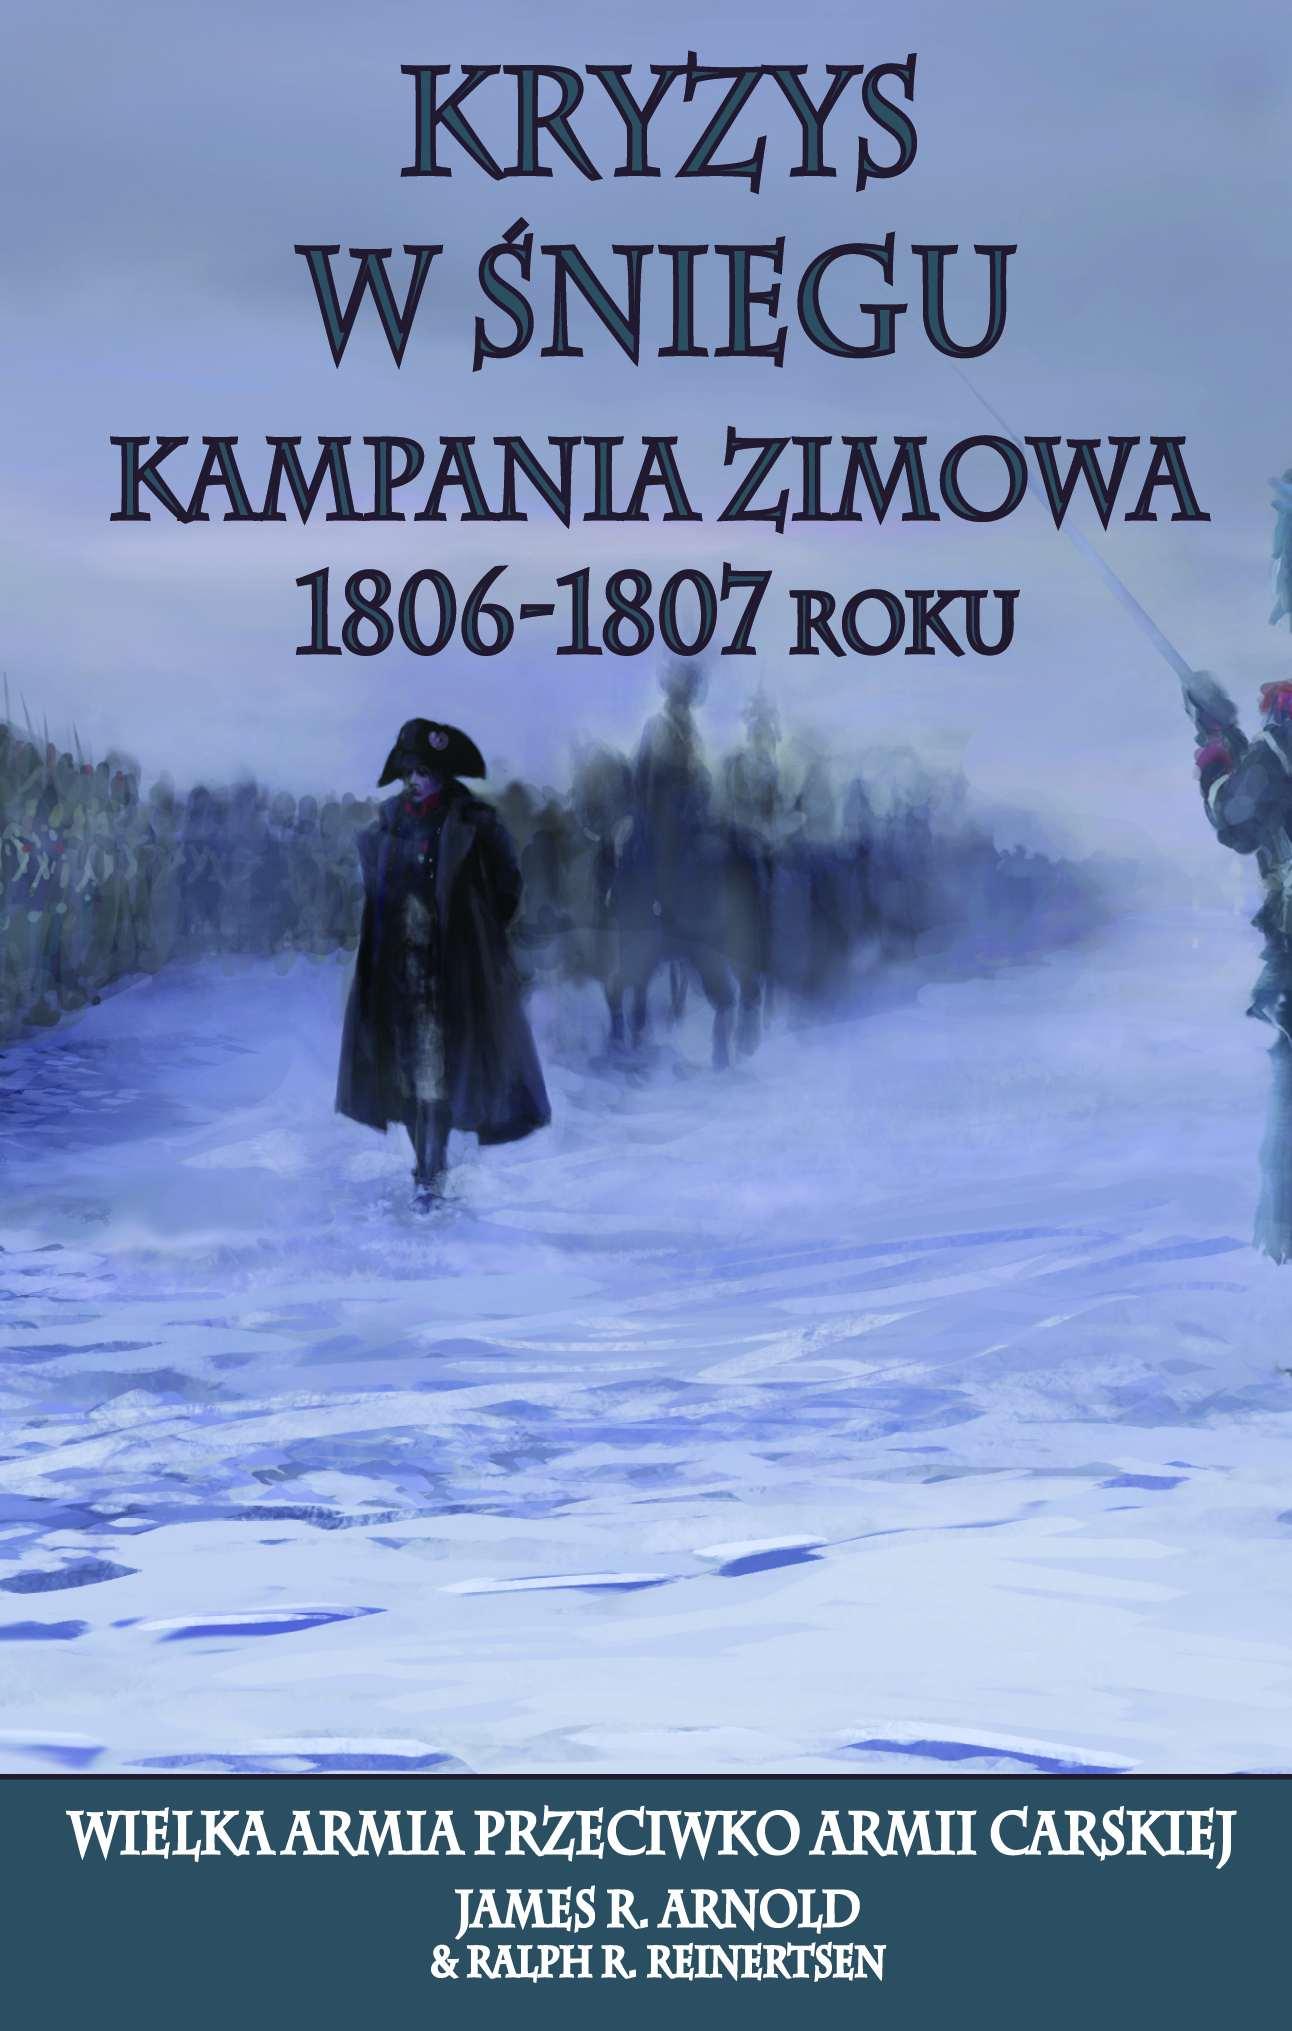 Kryzys w śniegu. Kampania zimowa 1806-1807 - Ebook (Książka EPUB) do pobrania w formacie EPUB